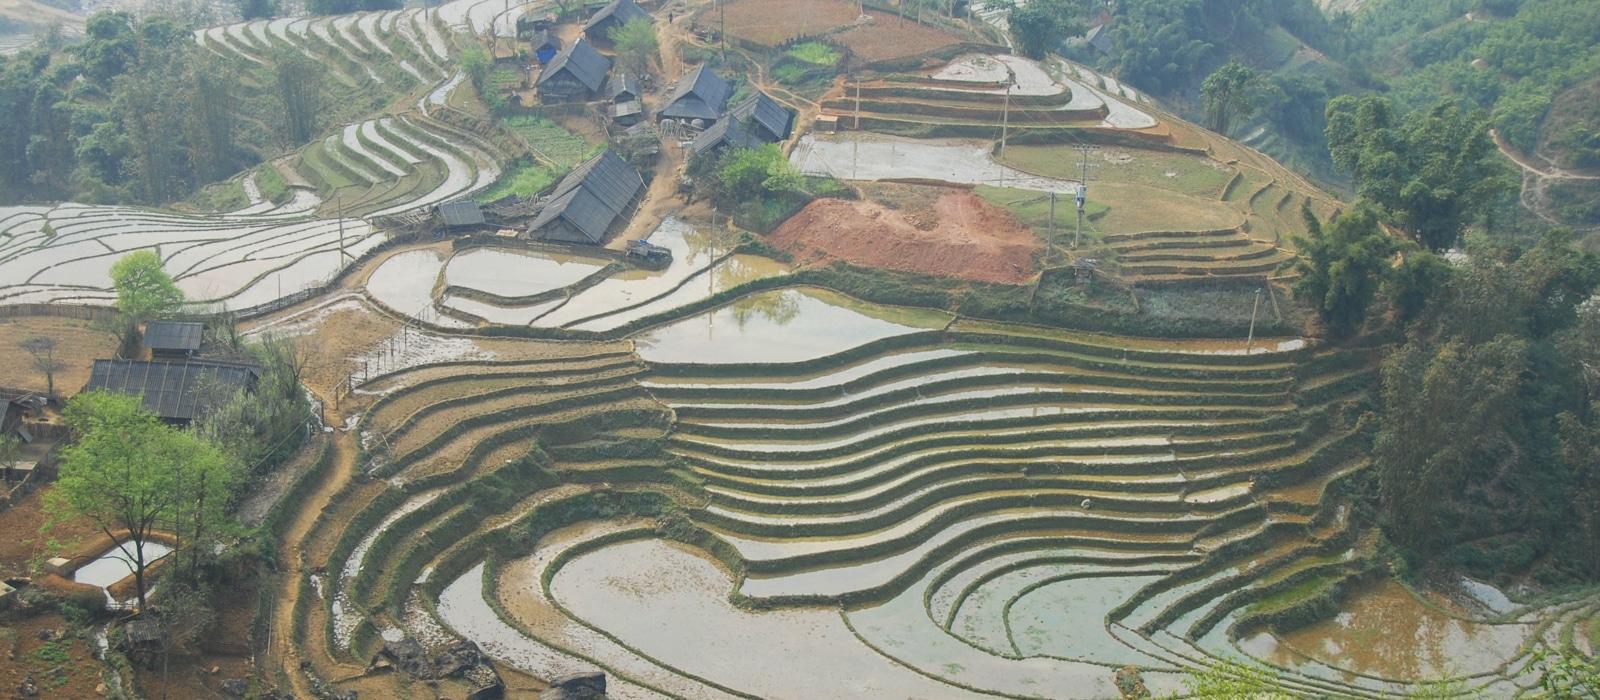 img-diapo-entete - Vietnam-1600x700-4.jpg